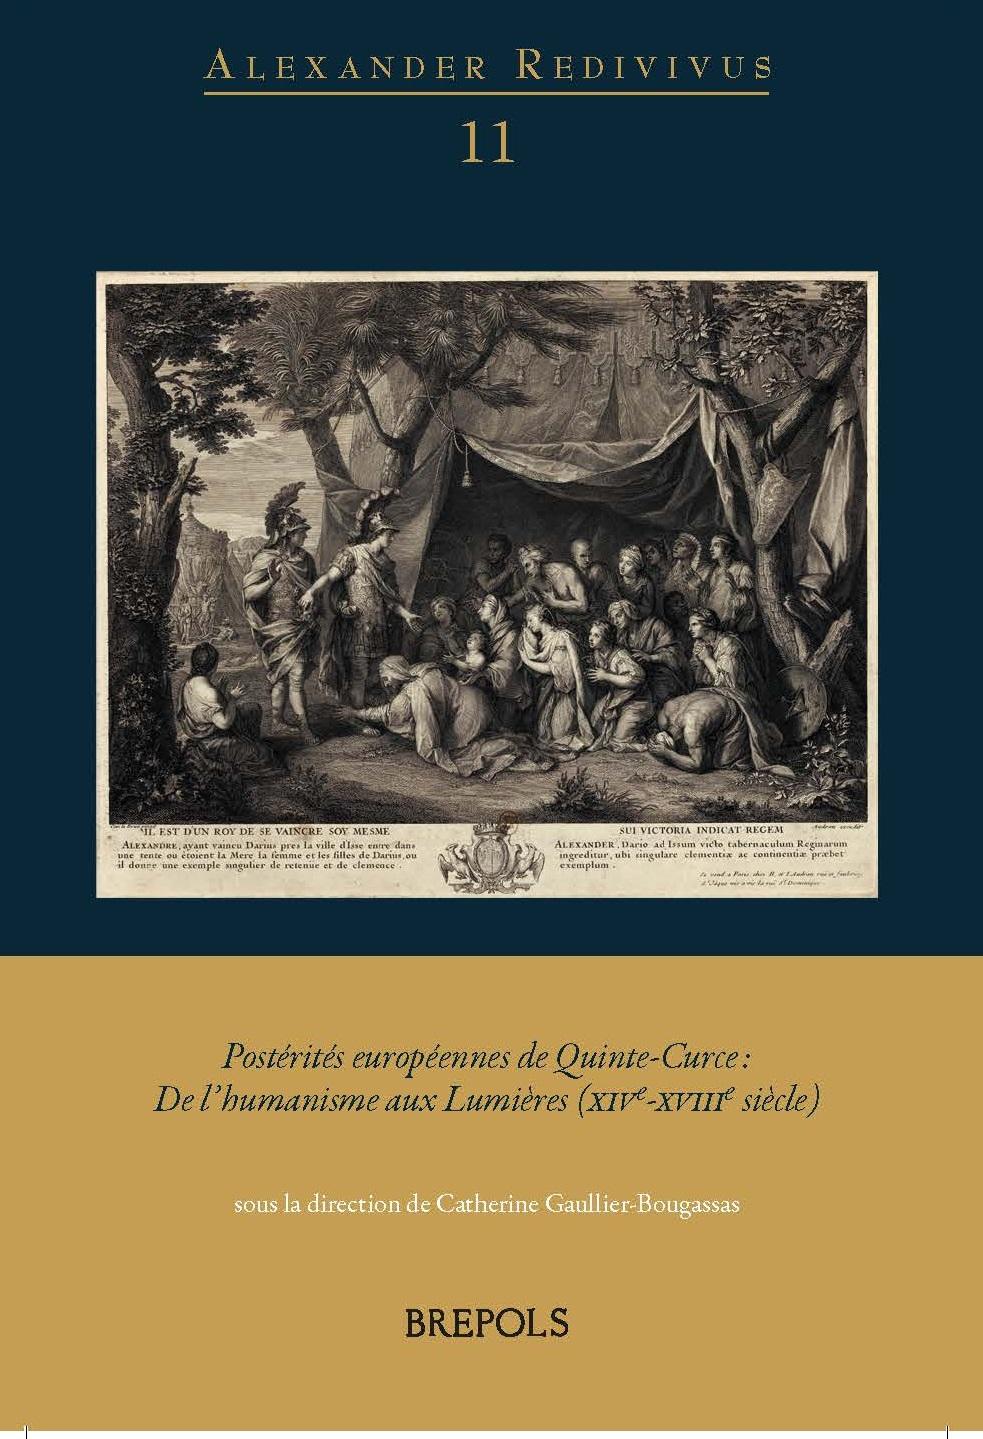 C. Gaullier-Bougassas (dir), Postérités européennes de Quinte-Curce. De l'humanisme aux Lumières (XIVe-XVIIIe s.)